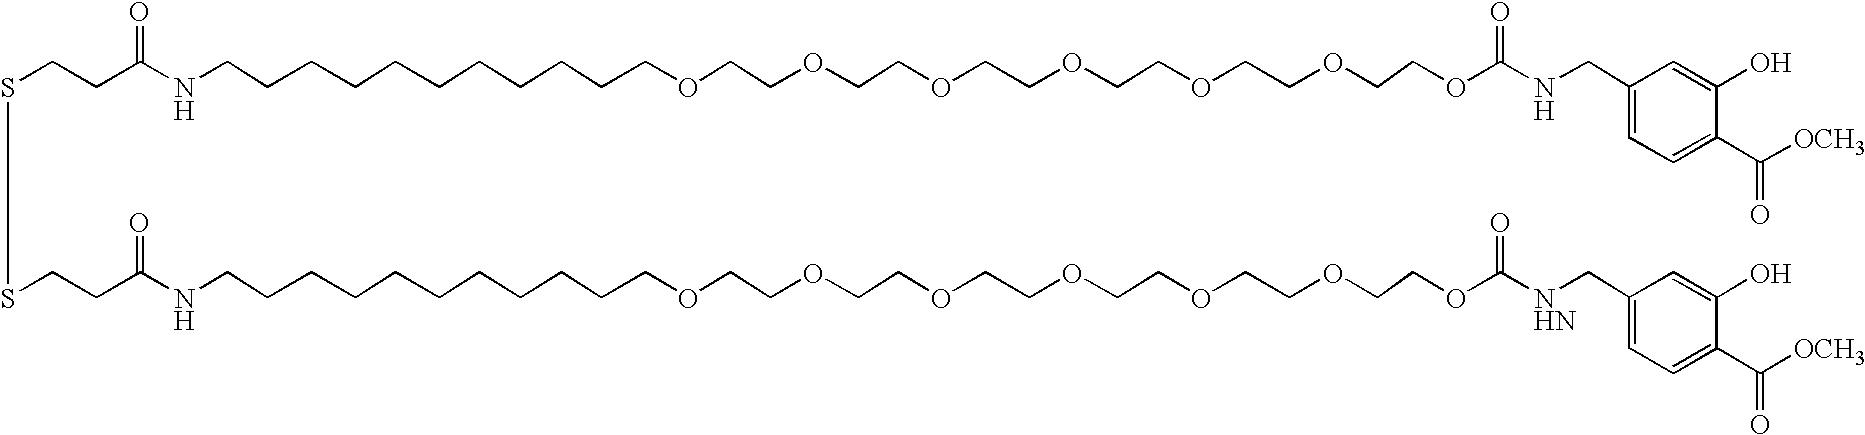 Figure US07179659-20070220-C00018